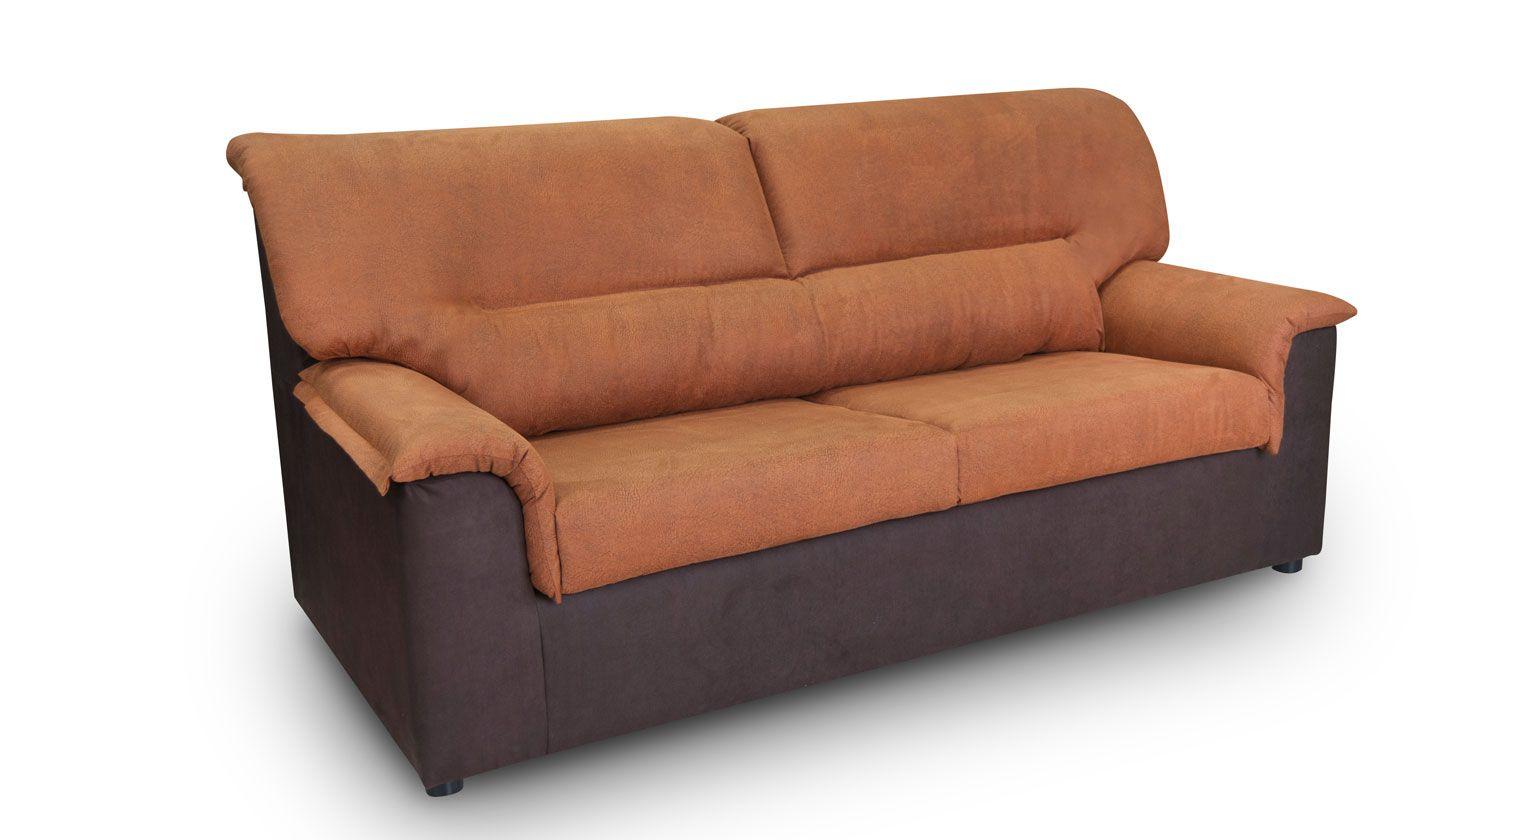 Comprar sof belen sofa 3 plazas coordinado tejido sofia y for Sofas baratos asturias